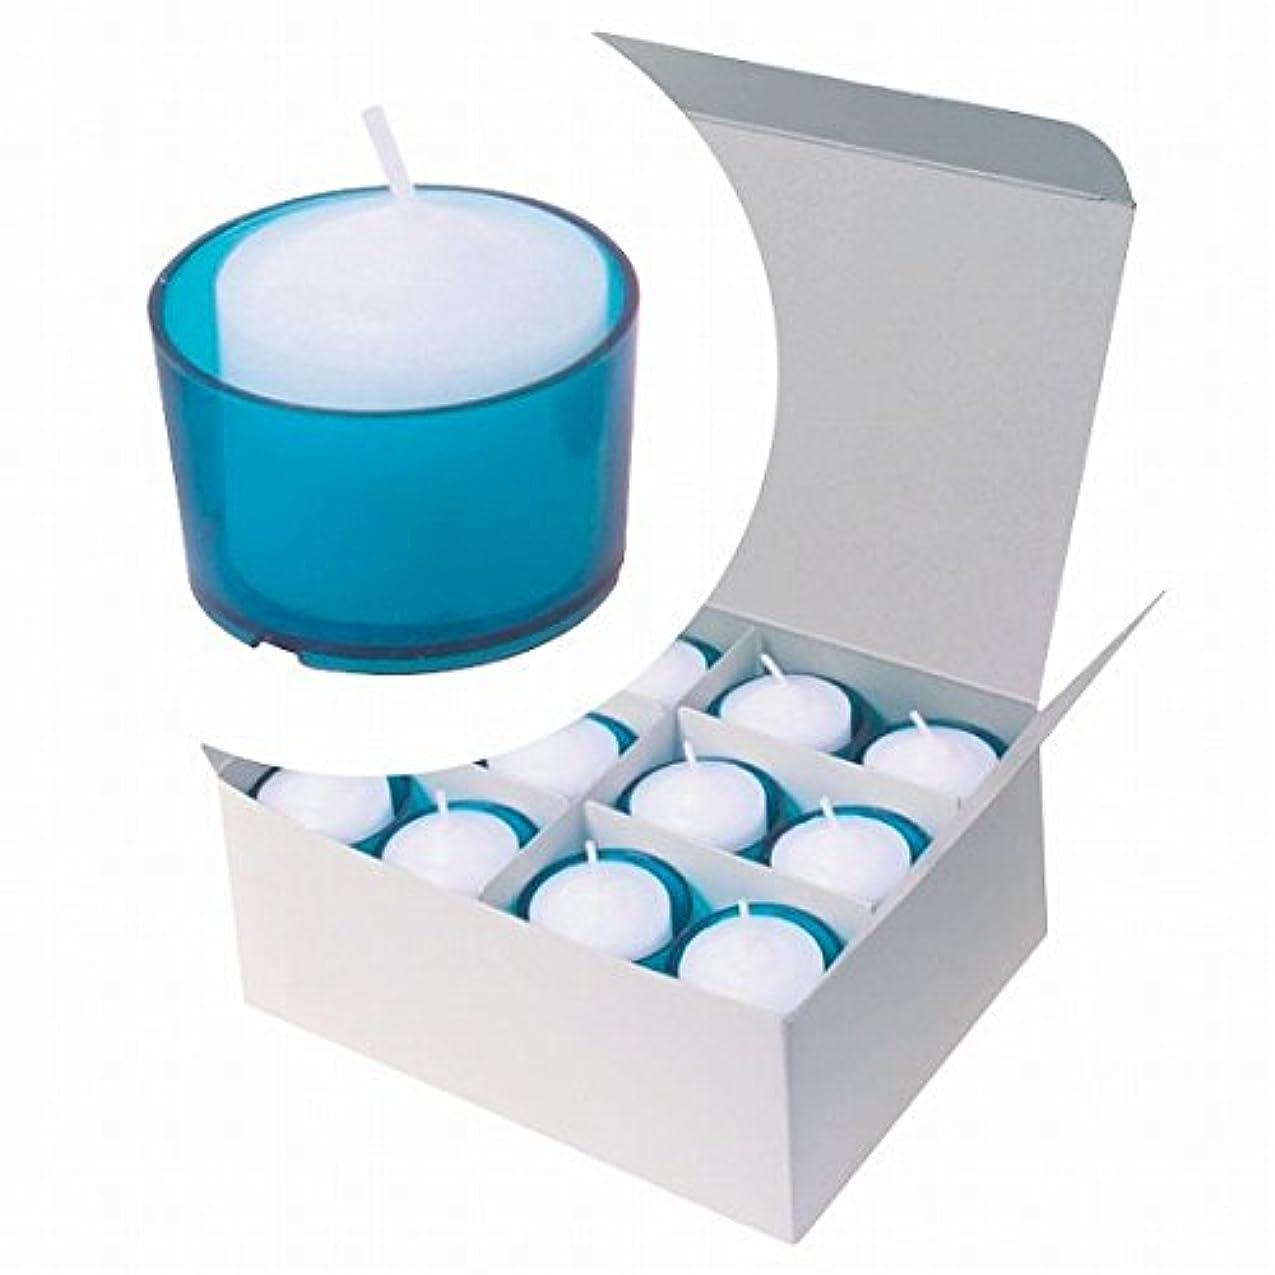 化石イブニング穀物カメヤマキャンドル(kameyama candle) カラークリアカップボーティブ6時間タイプ 24個入り 「 ブルー 」